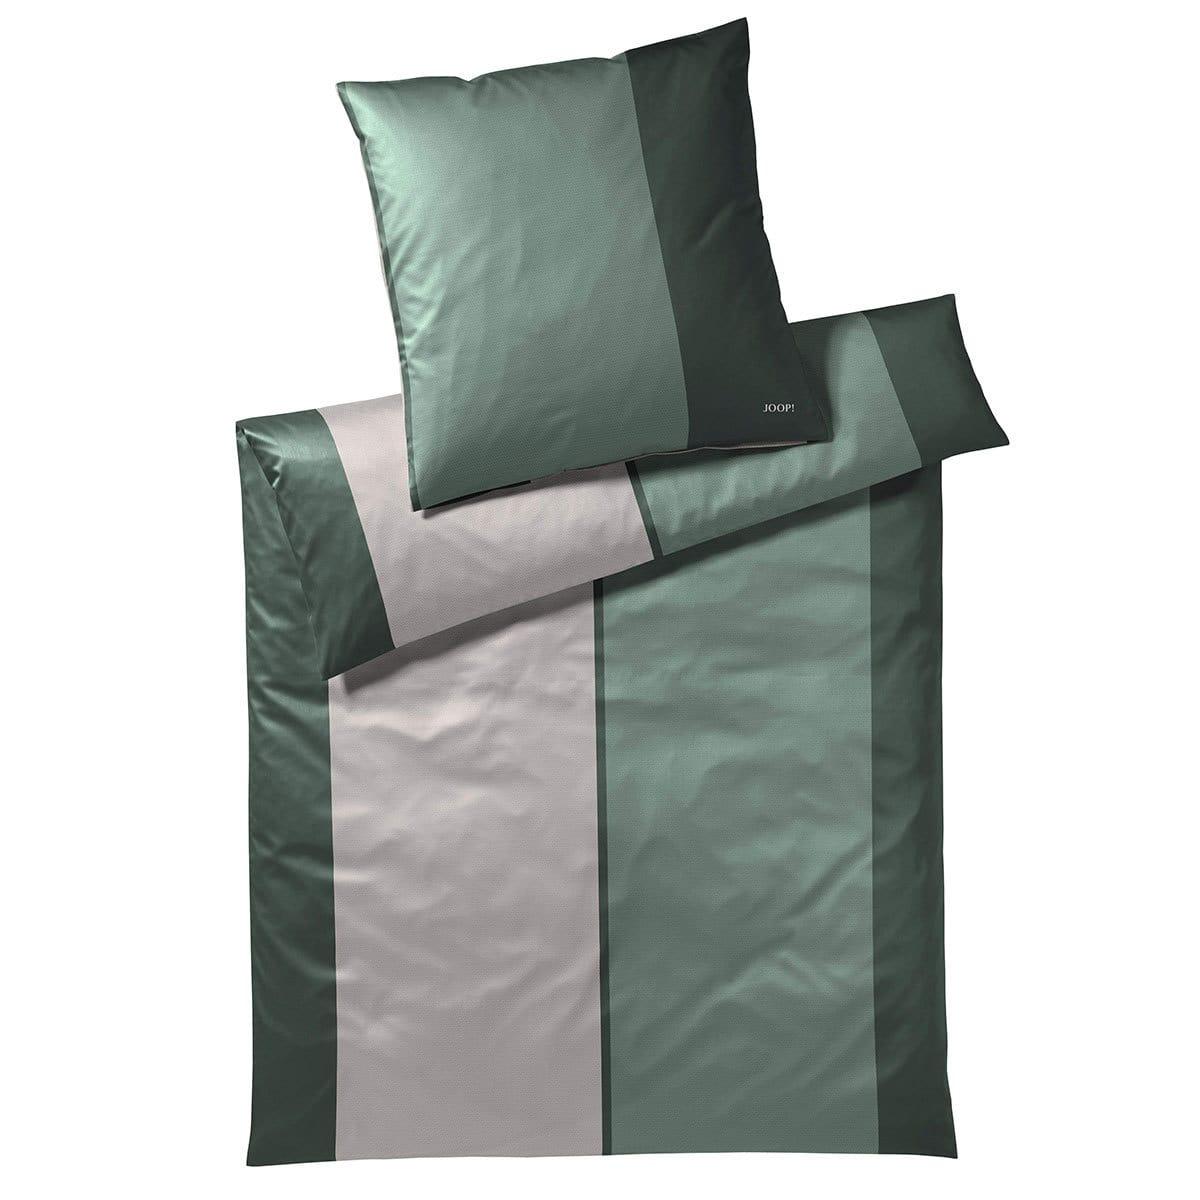 joop bettw sche partition forest g nstig online kaufen bei bettwaren shop. Black Bedroom Furniture Sets. Home Design Ideas